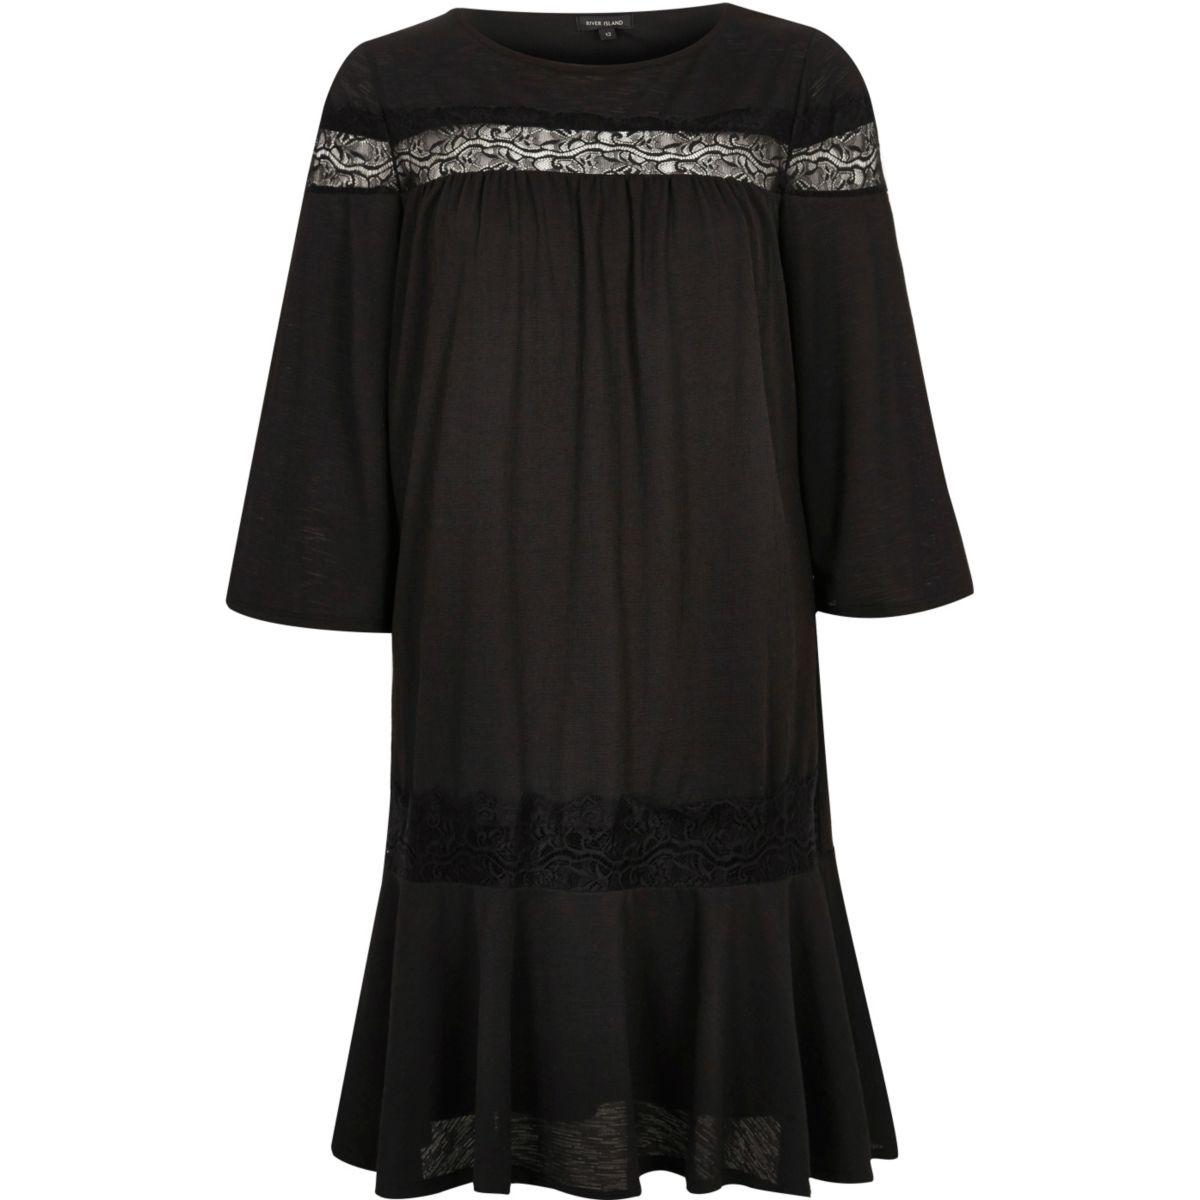 Robe en dentelle noire à manches longues et smocks